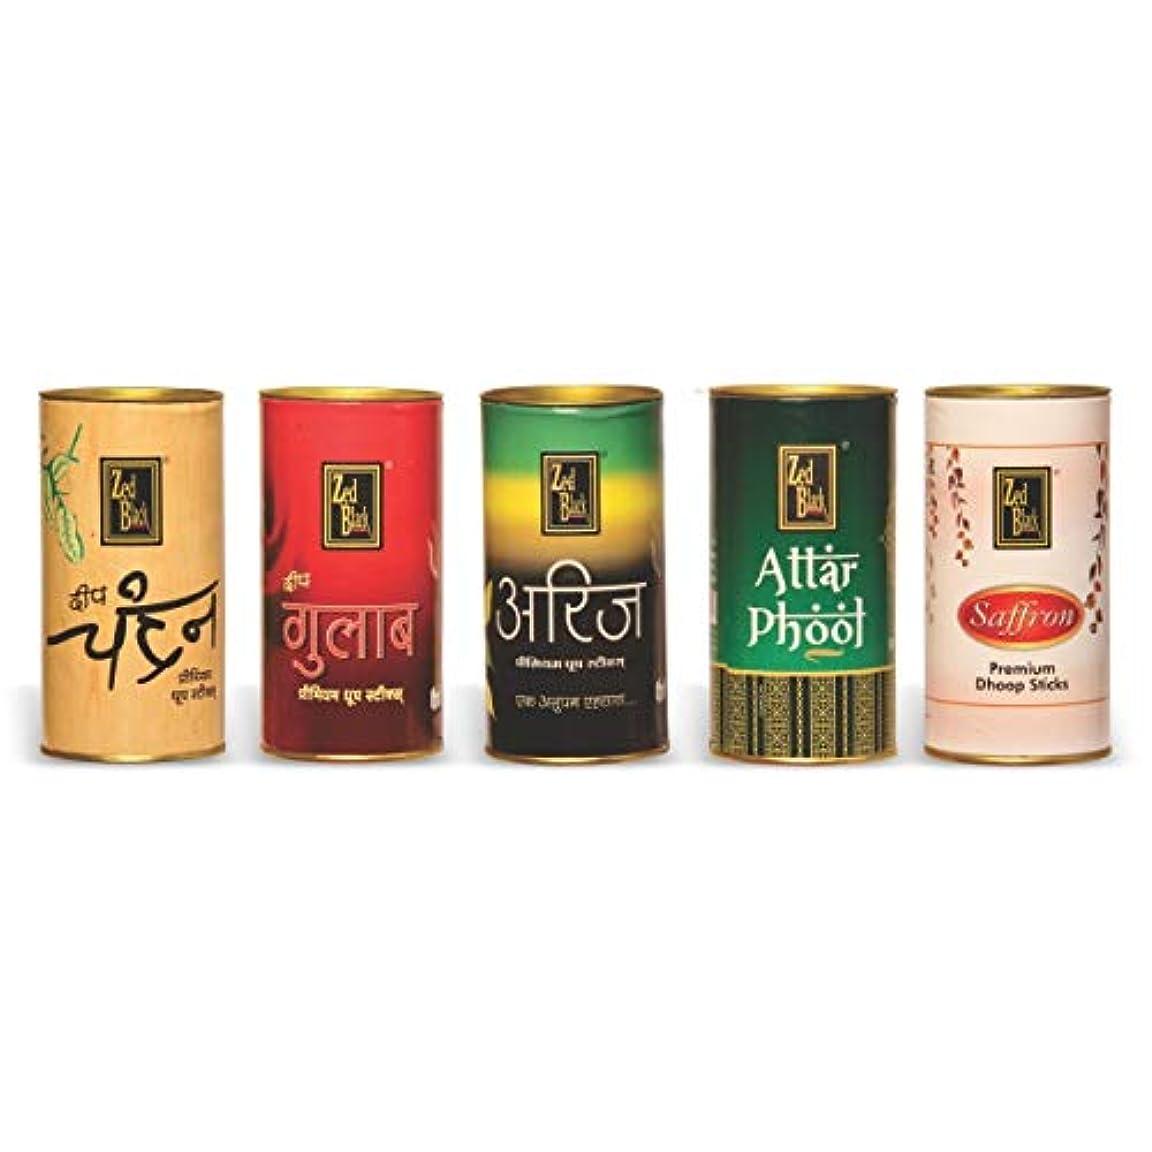 完全にかどうか部分的にZed Black Natural Deep-Chandan, Deep-Gulab, Arij, Attar Phool and Saffron Incense Dhoop Sticks Tin - Combo of 5(45 Pieces Each)